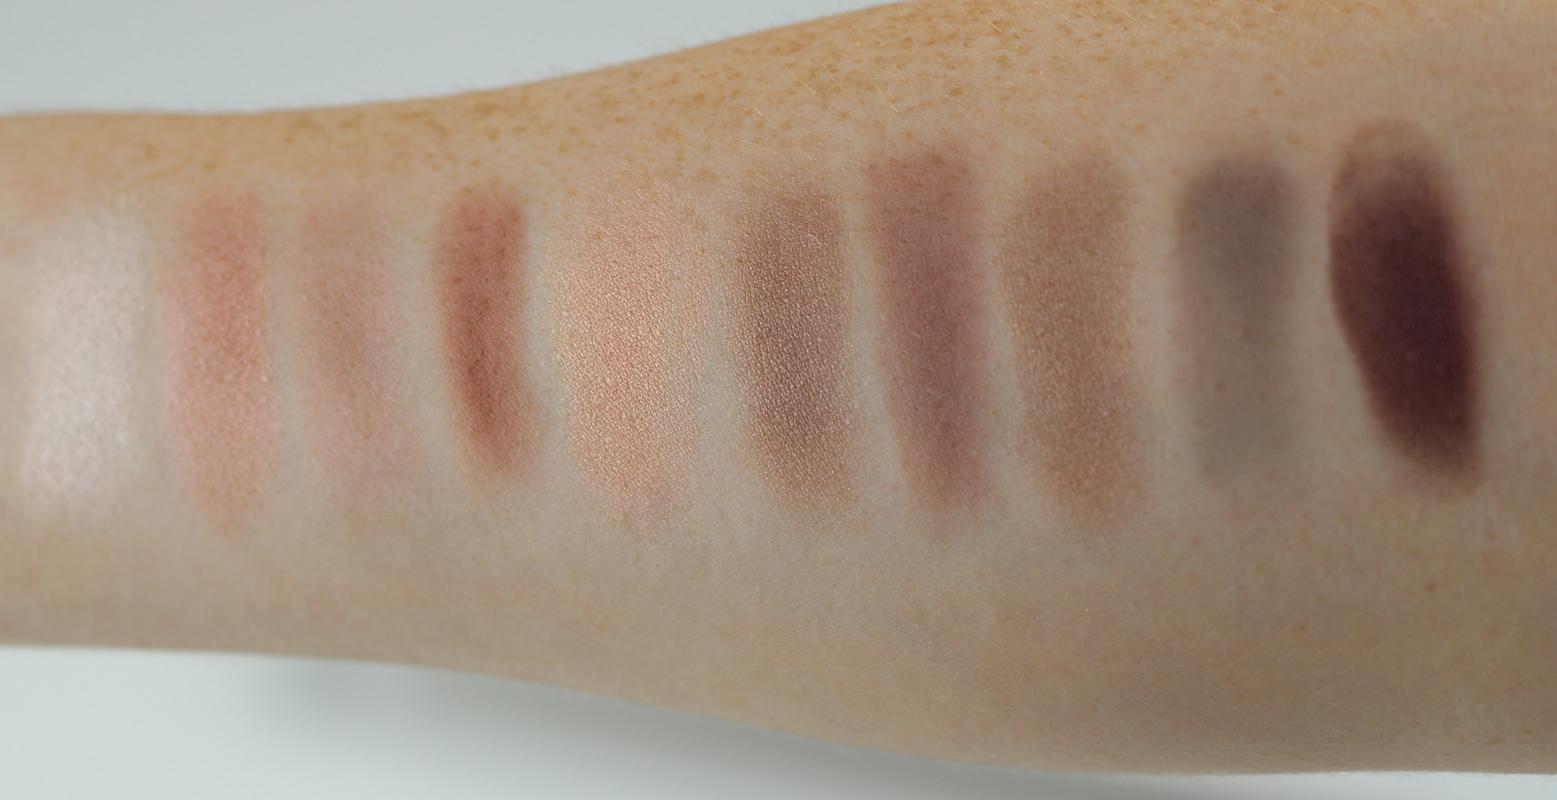 L'Oreal Paris Color Riche La Palette Nude Eyeshadow Palette Rose Swatch